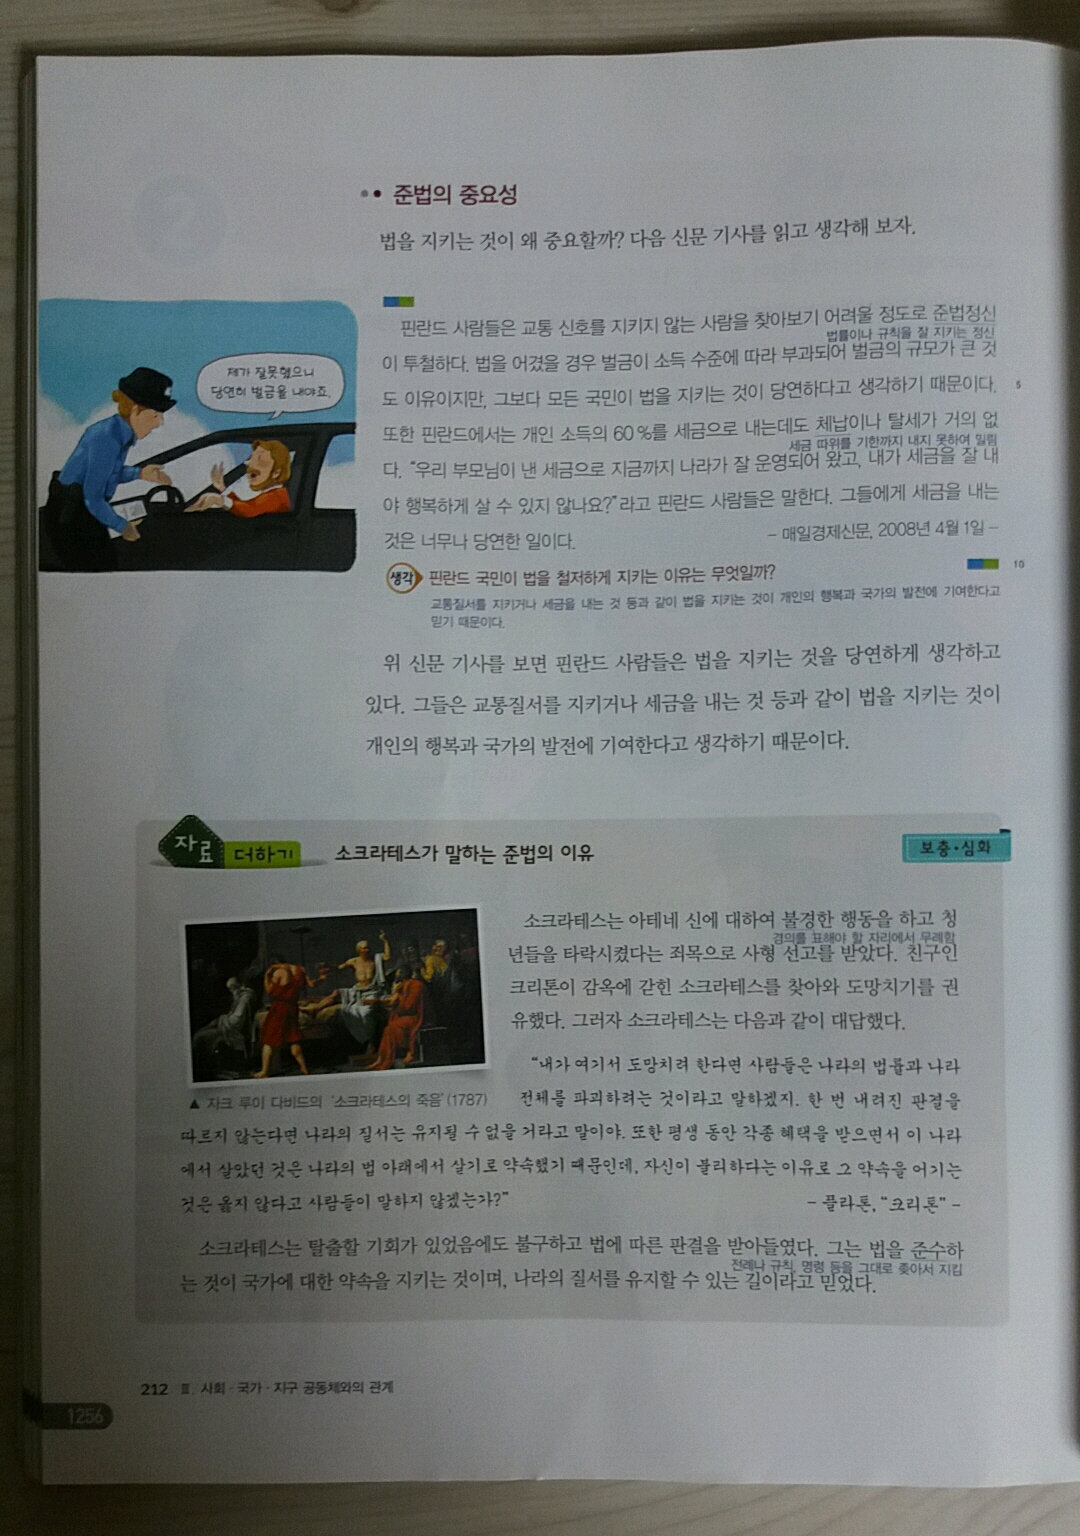 현행 중학교 도덕② 교과서(미래엔 출판)의 교사용 지도서 212쪽. 본문 문장마다 아래 적힌 파란색 작은 글씨는 교사용 지도서에만 있다. 나머지는 일반 학생용 교과서와 일치한다.